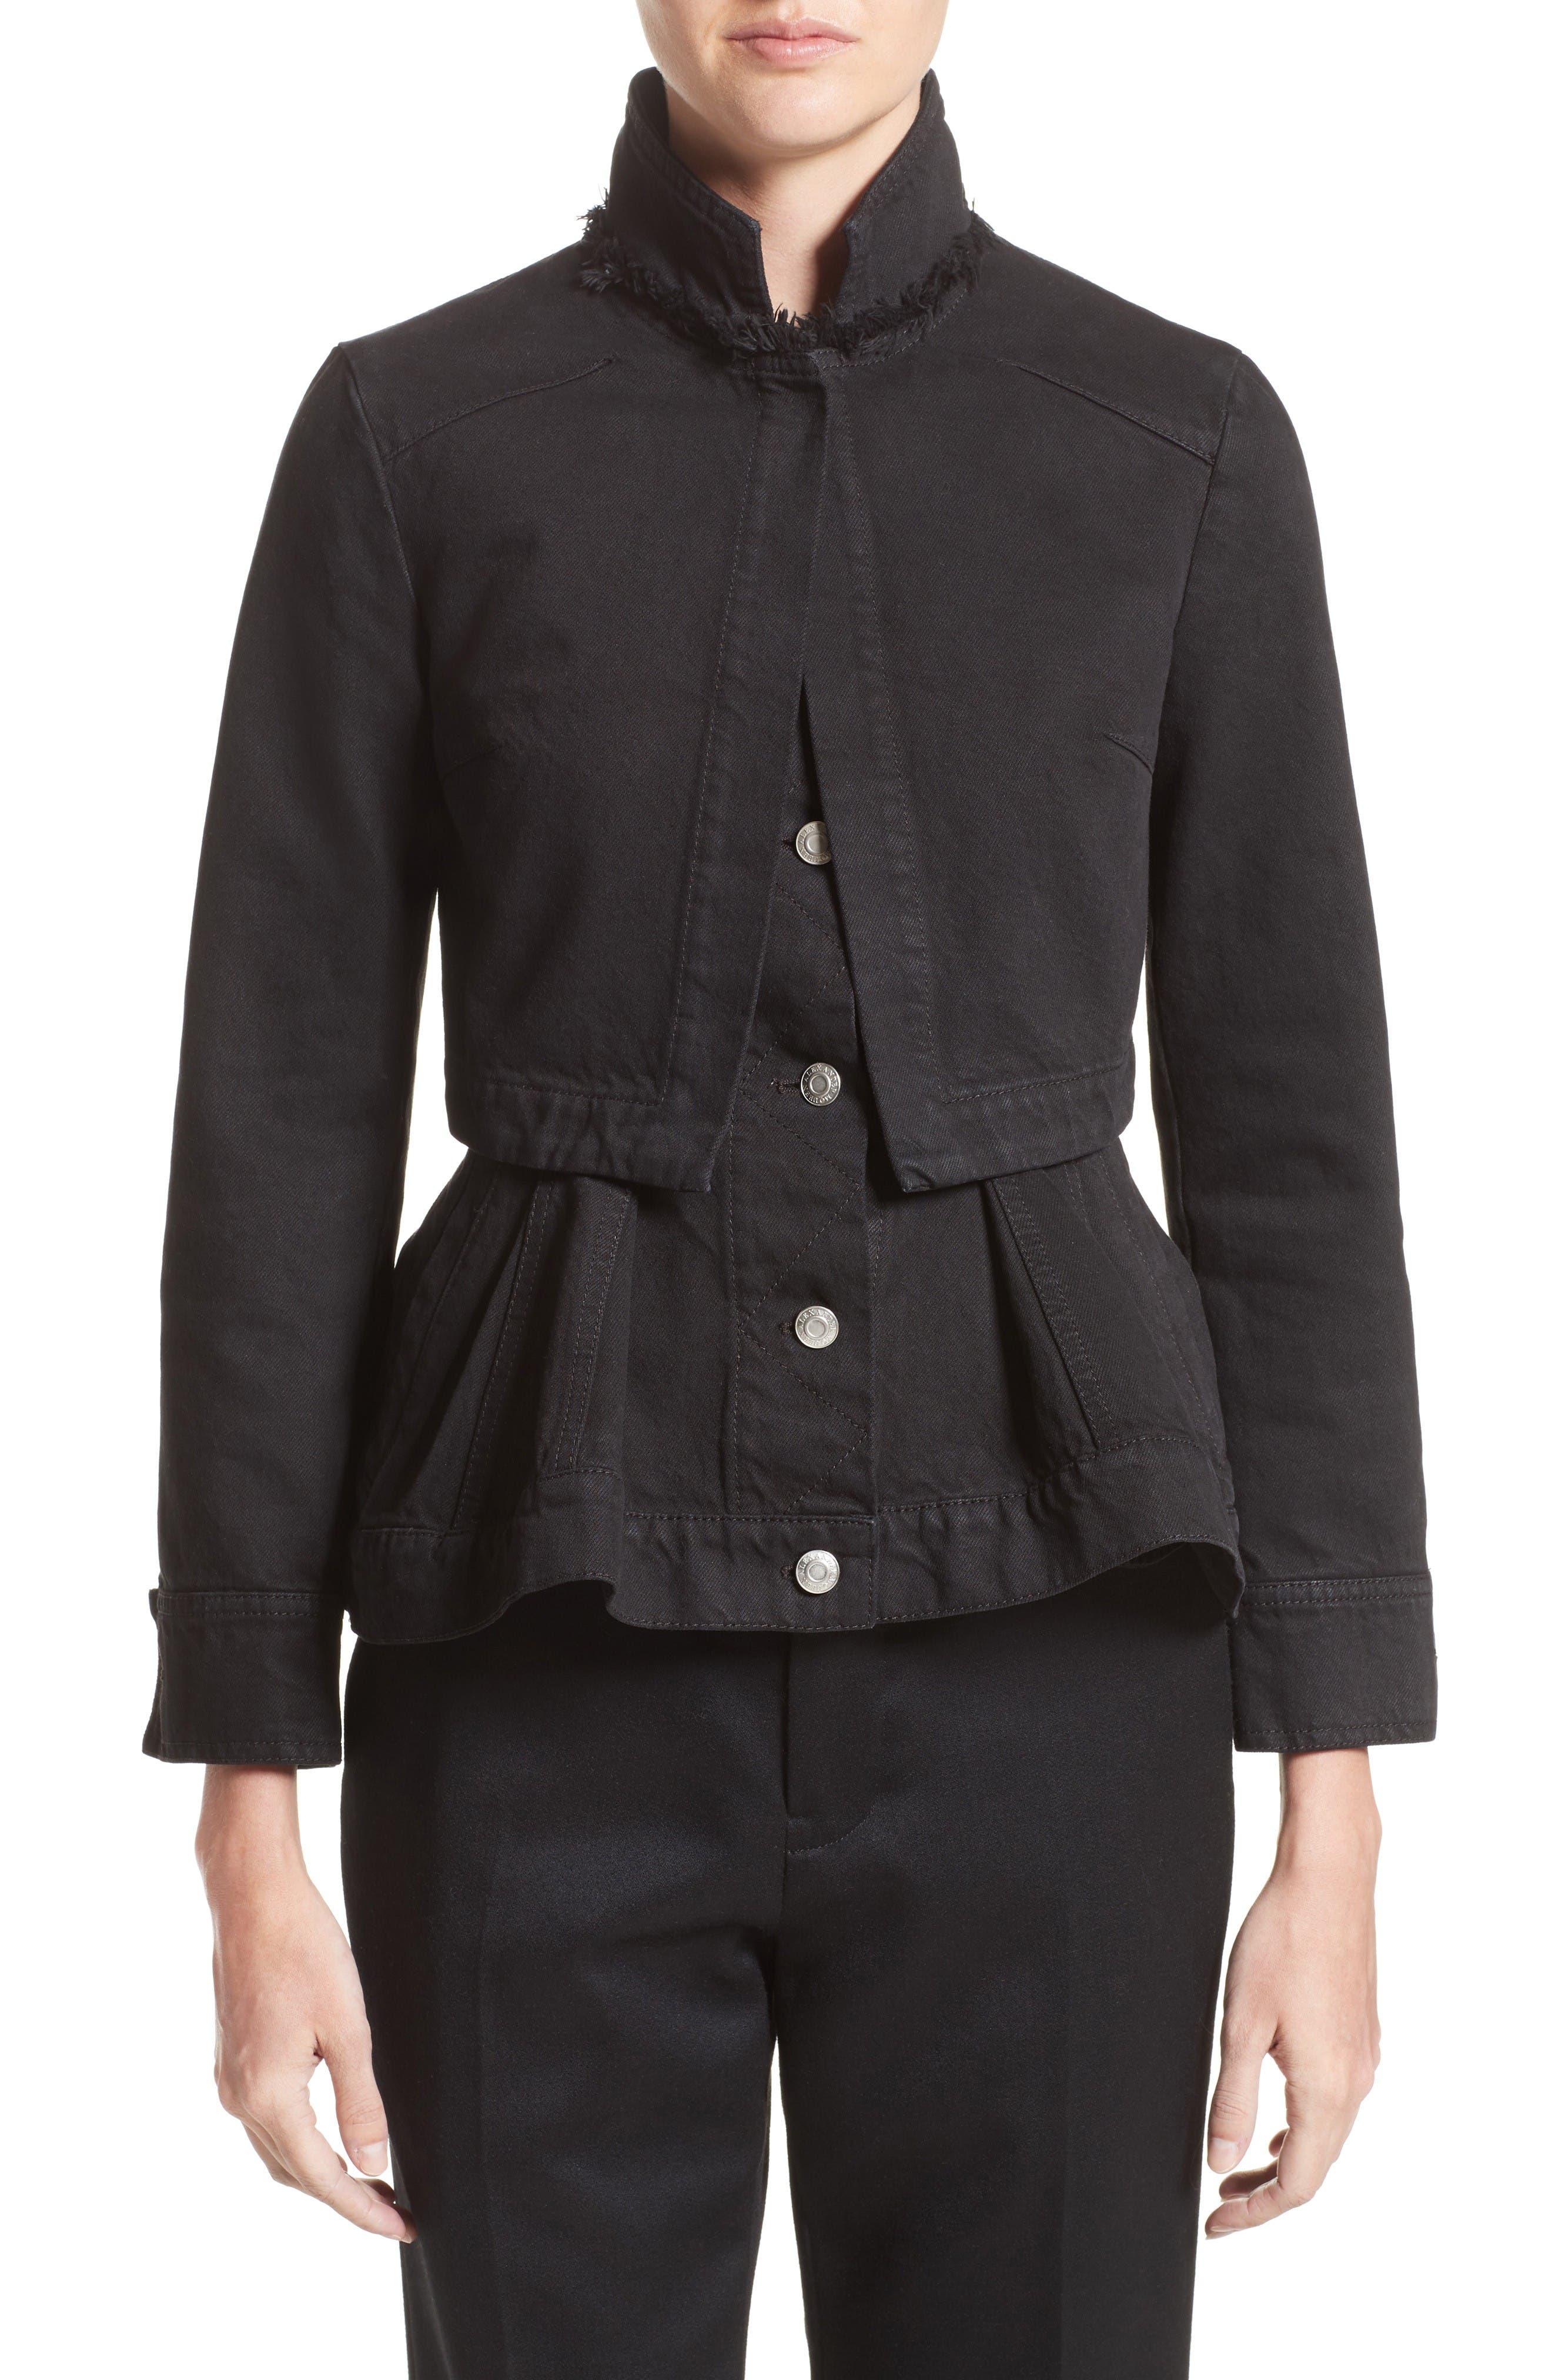 Alternate Image 1 Selected - Alexander McQueen Peplum Denim Jacket